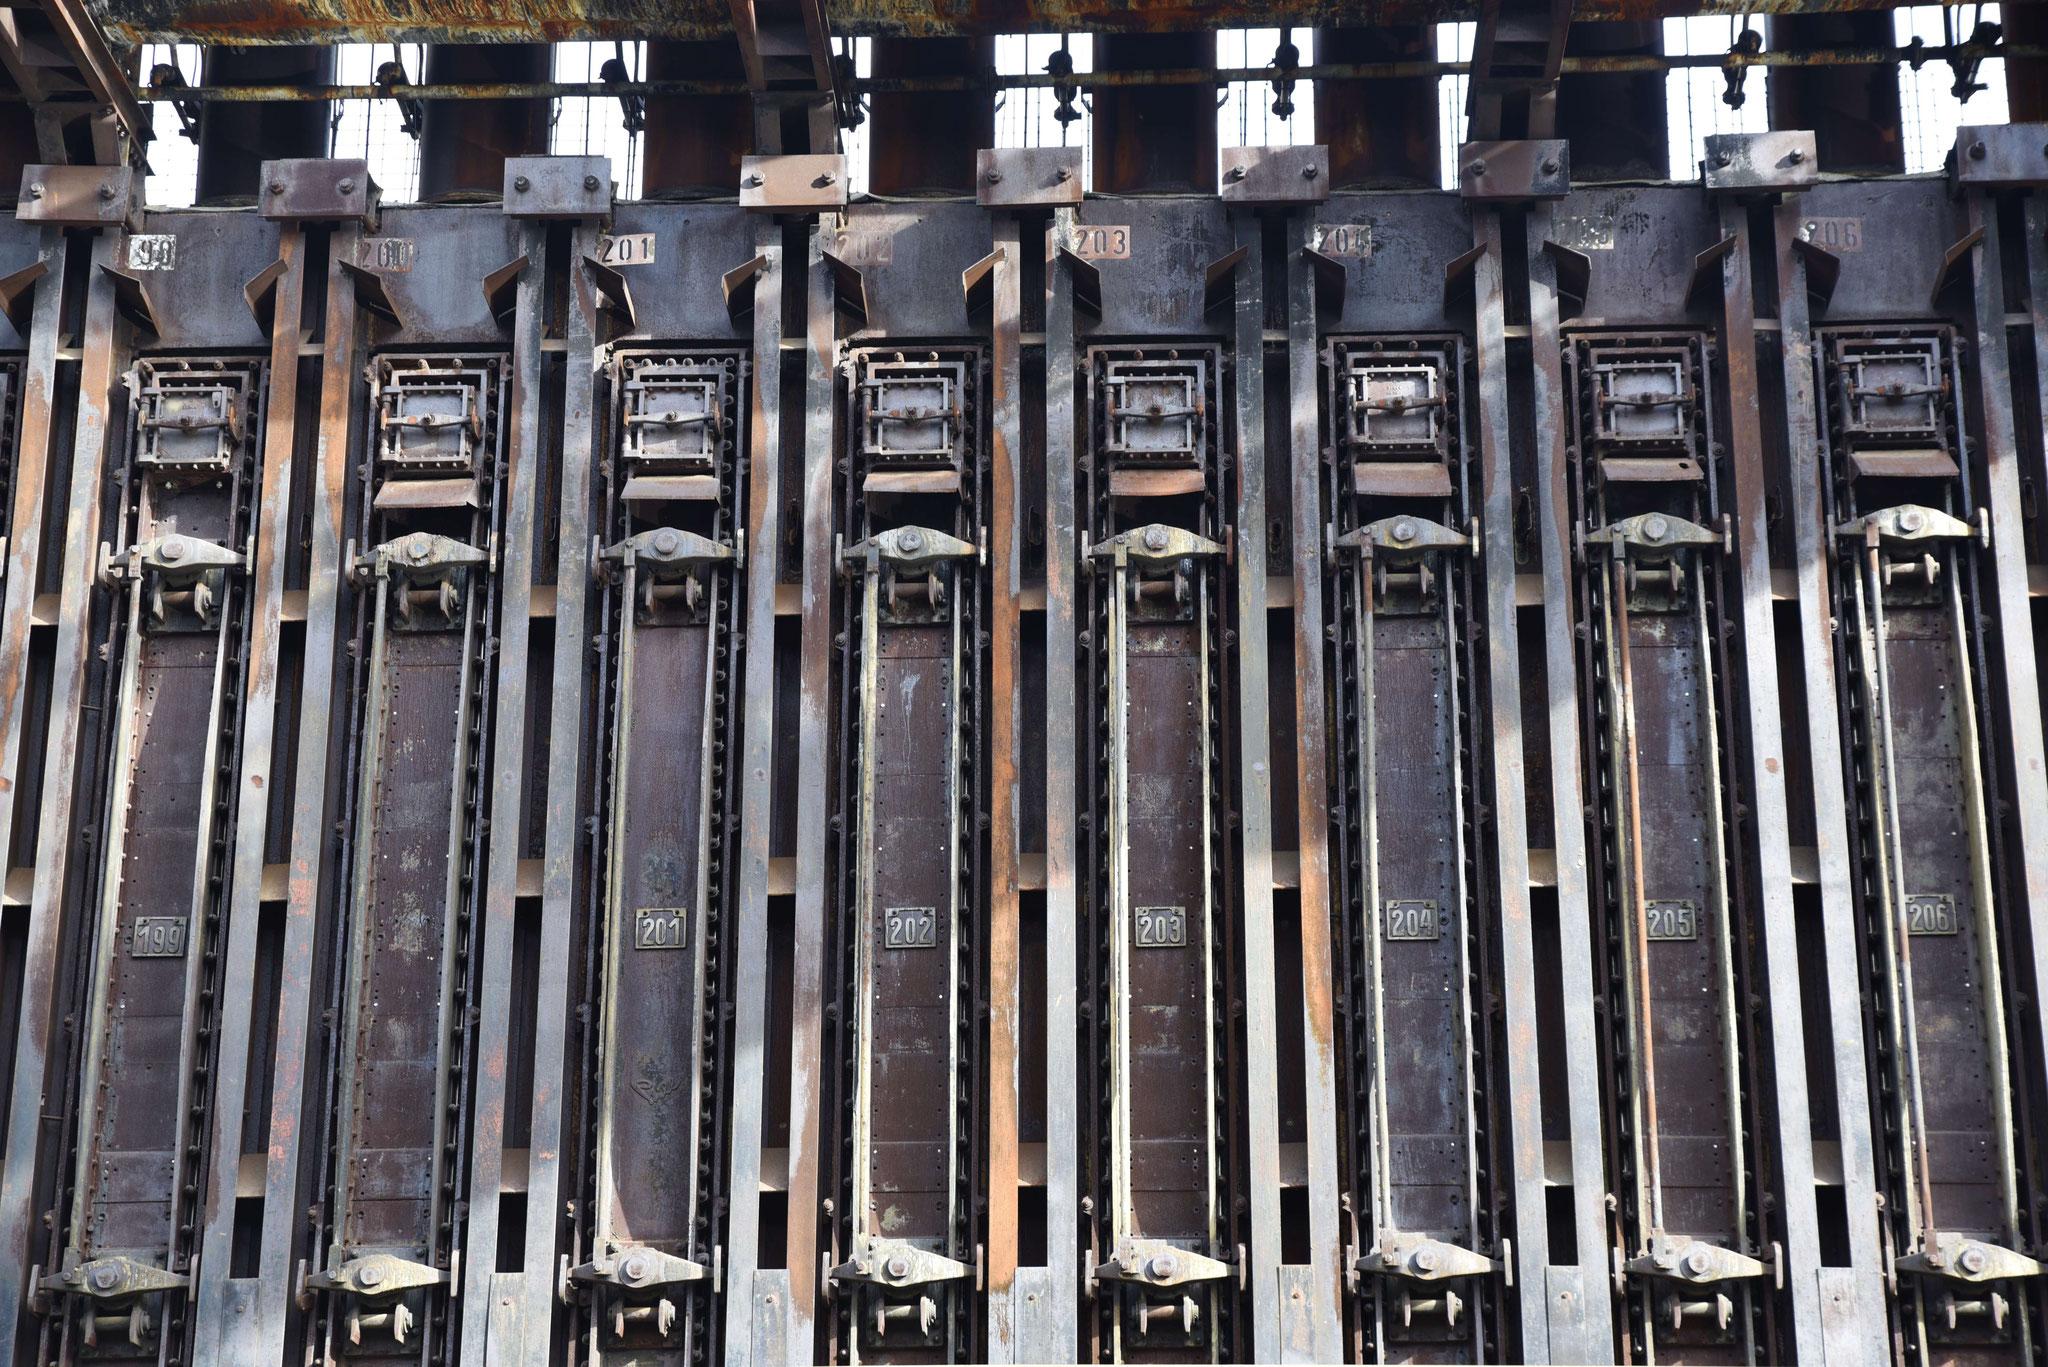 Kammer an Kammer um den Koks zu brennen